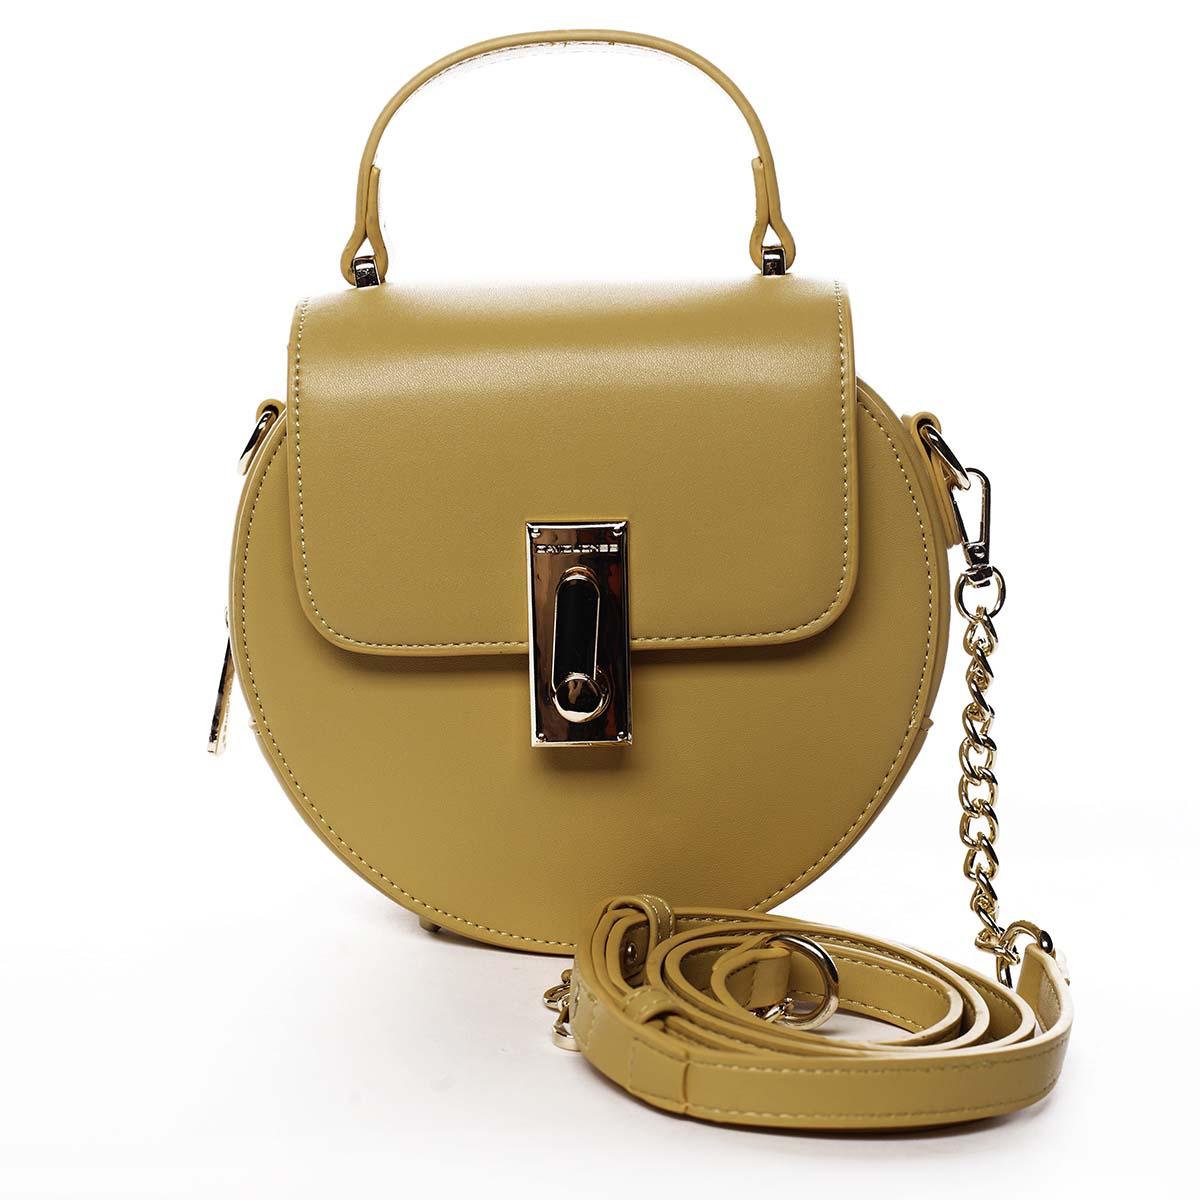 Luxusní dámská kabelka žlutá - David Jones Magnify